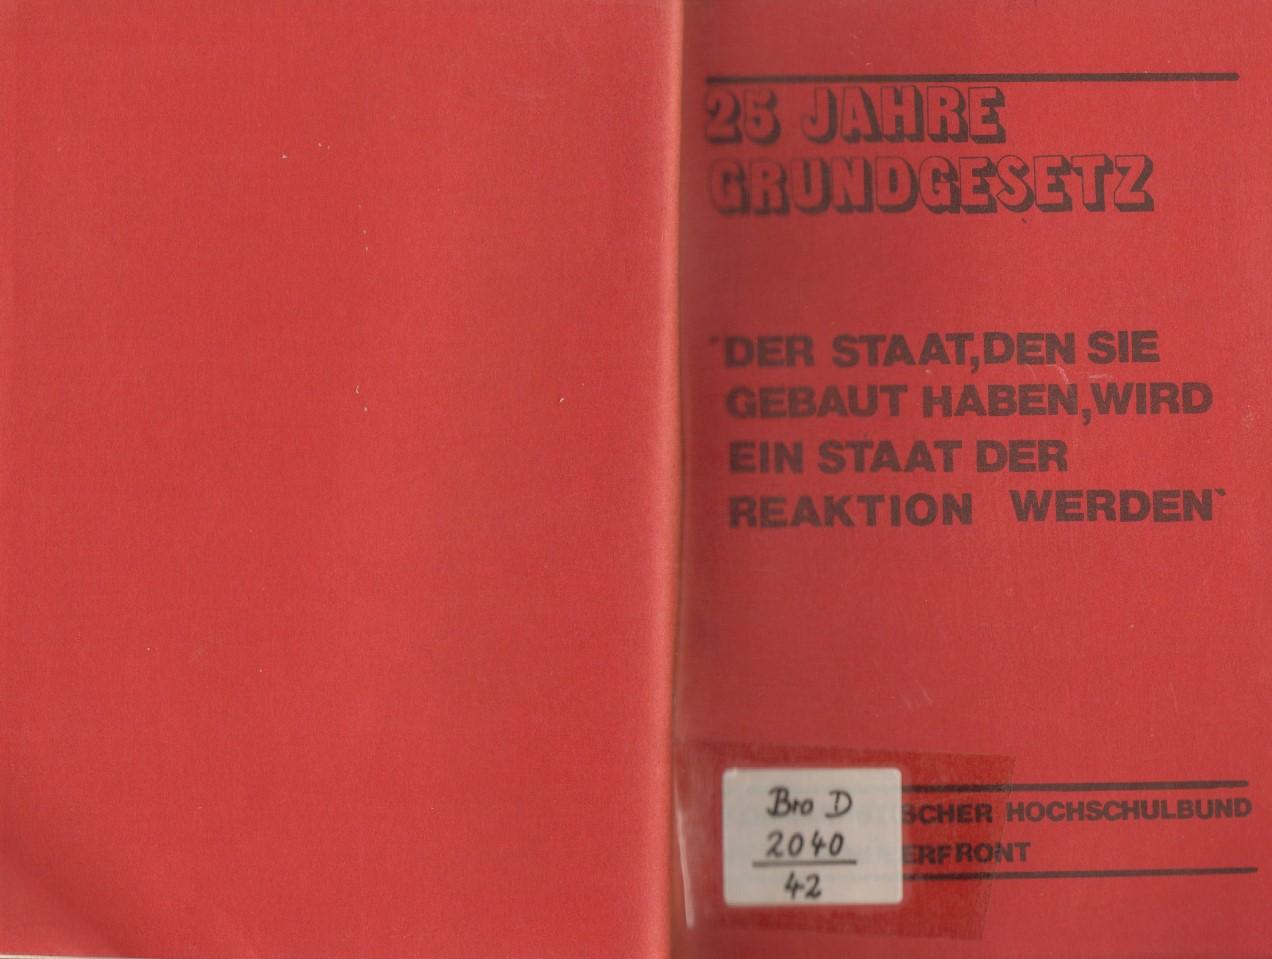 KHB_RSF_1974_25_Jahre_Grundgesetz_01